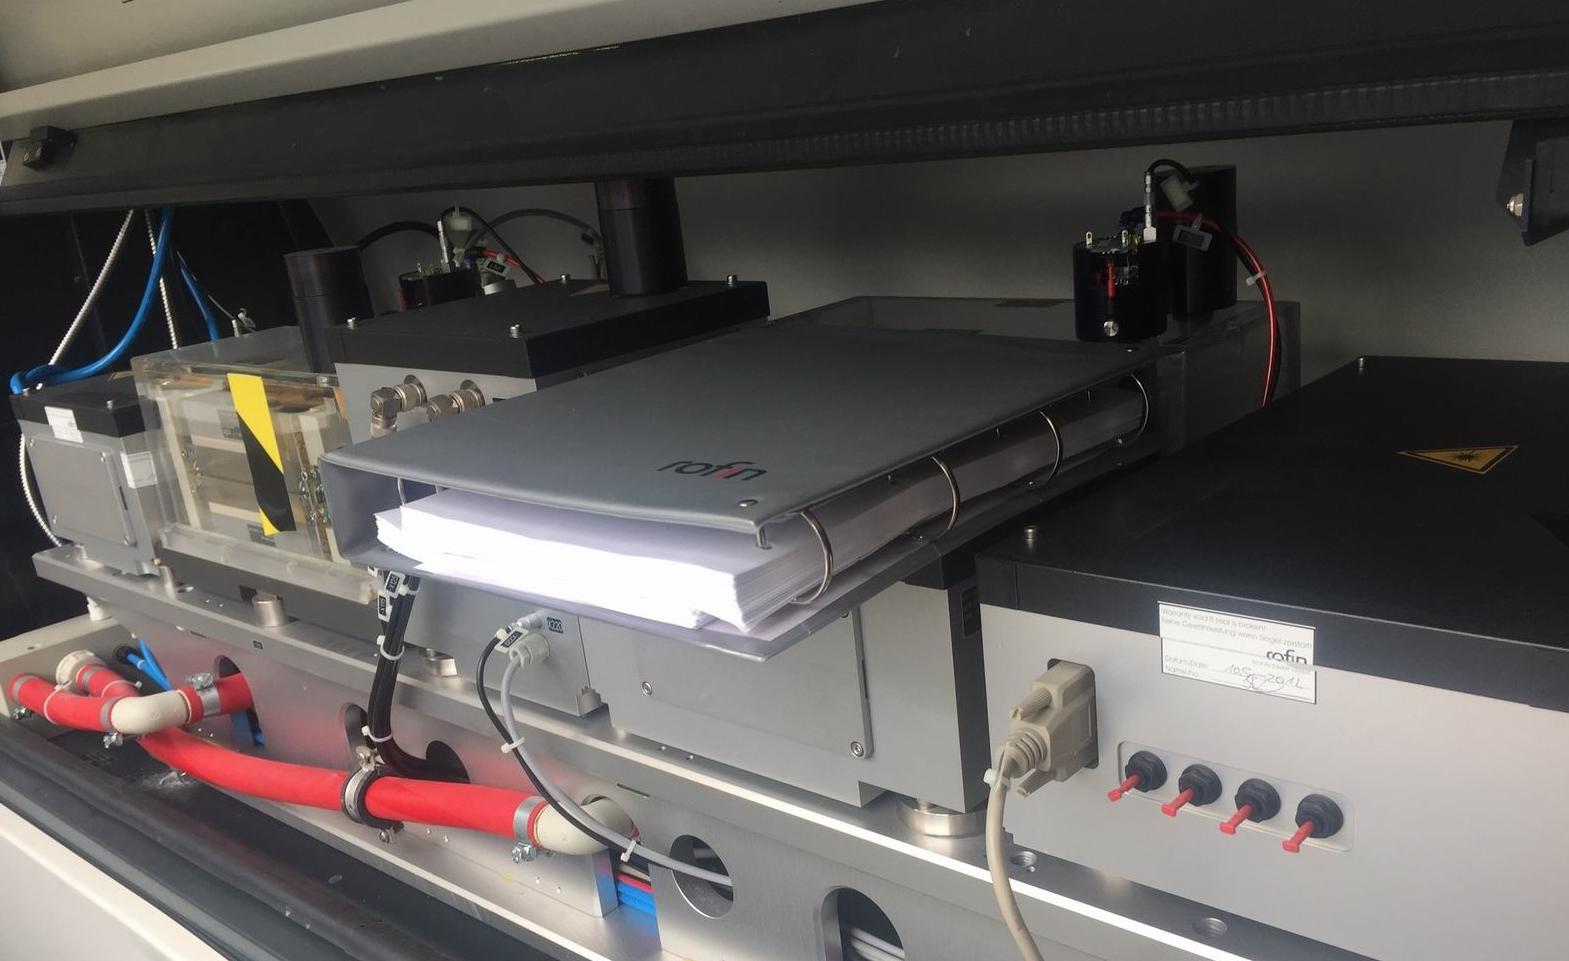 Rofin Dq X80 Laser Cutting Machine Exapro